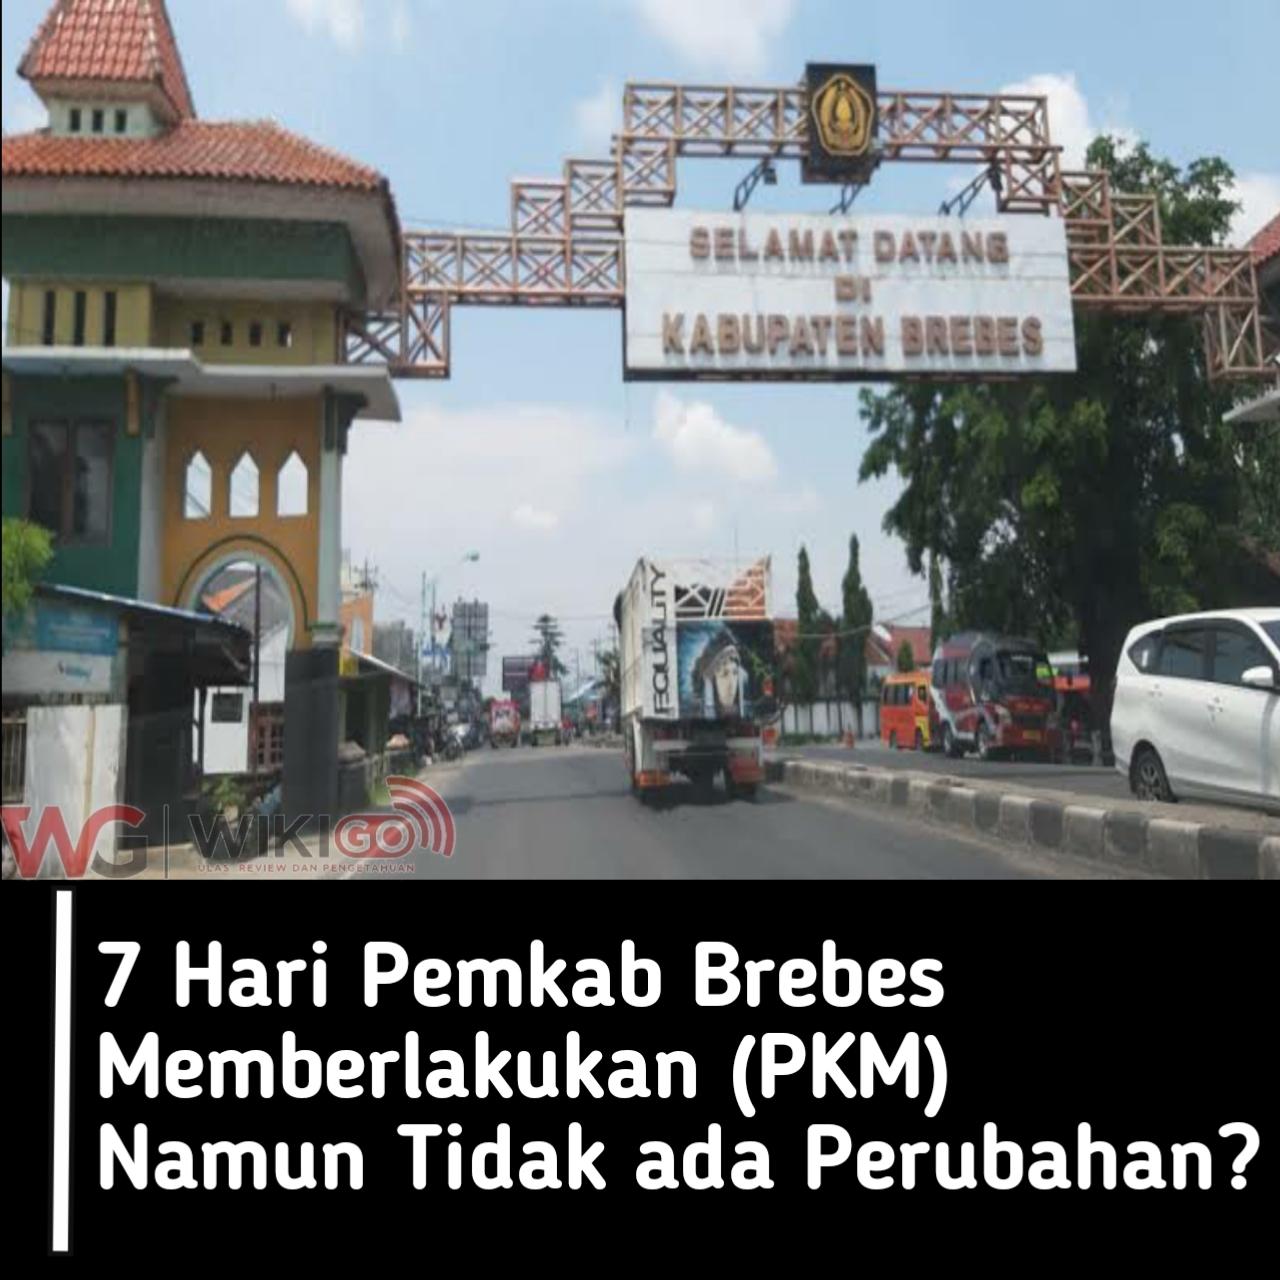 7 Hari Pemkab Brebes Memberlakukan (PKM) Namun Tidak ada perubahan